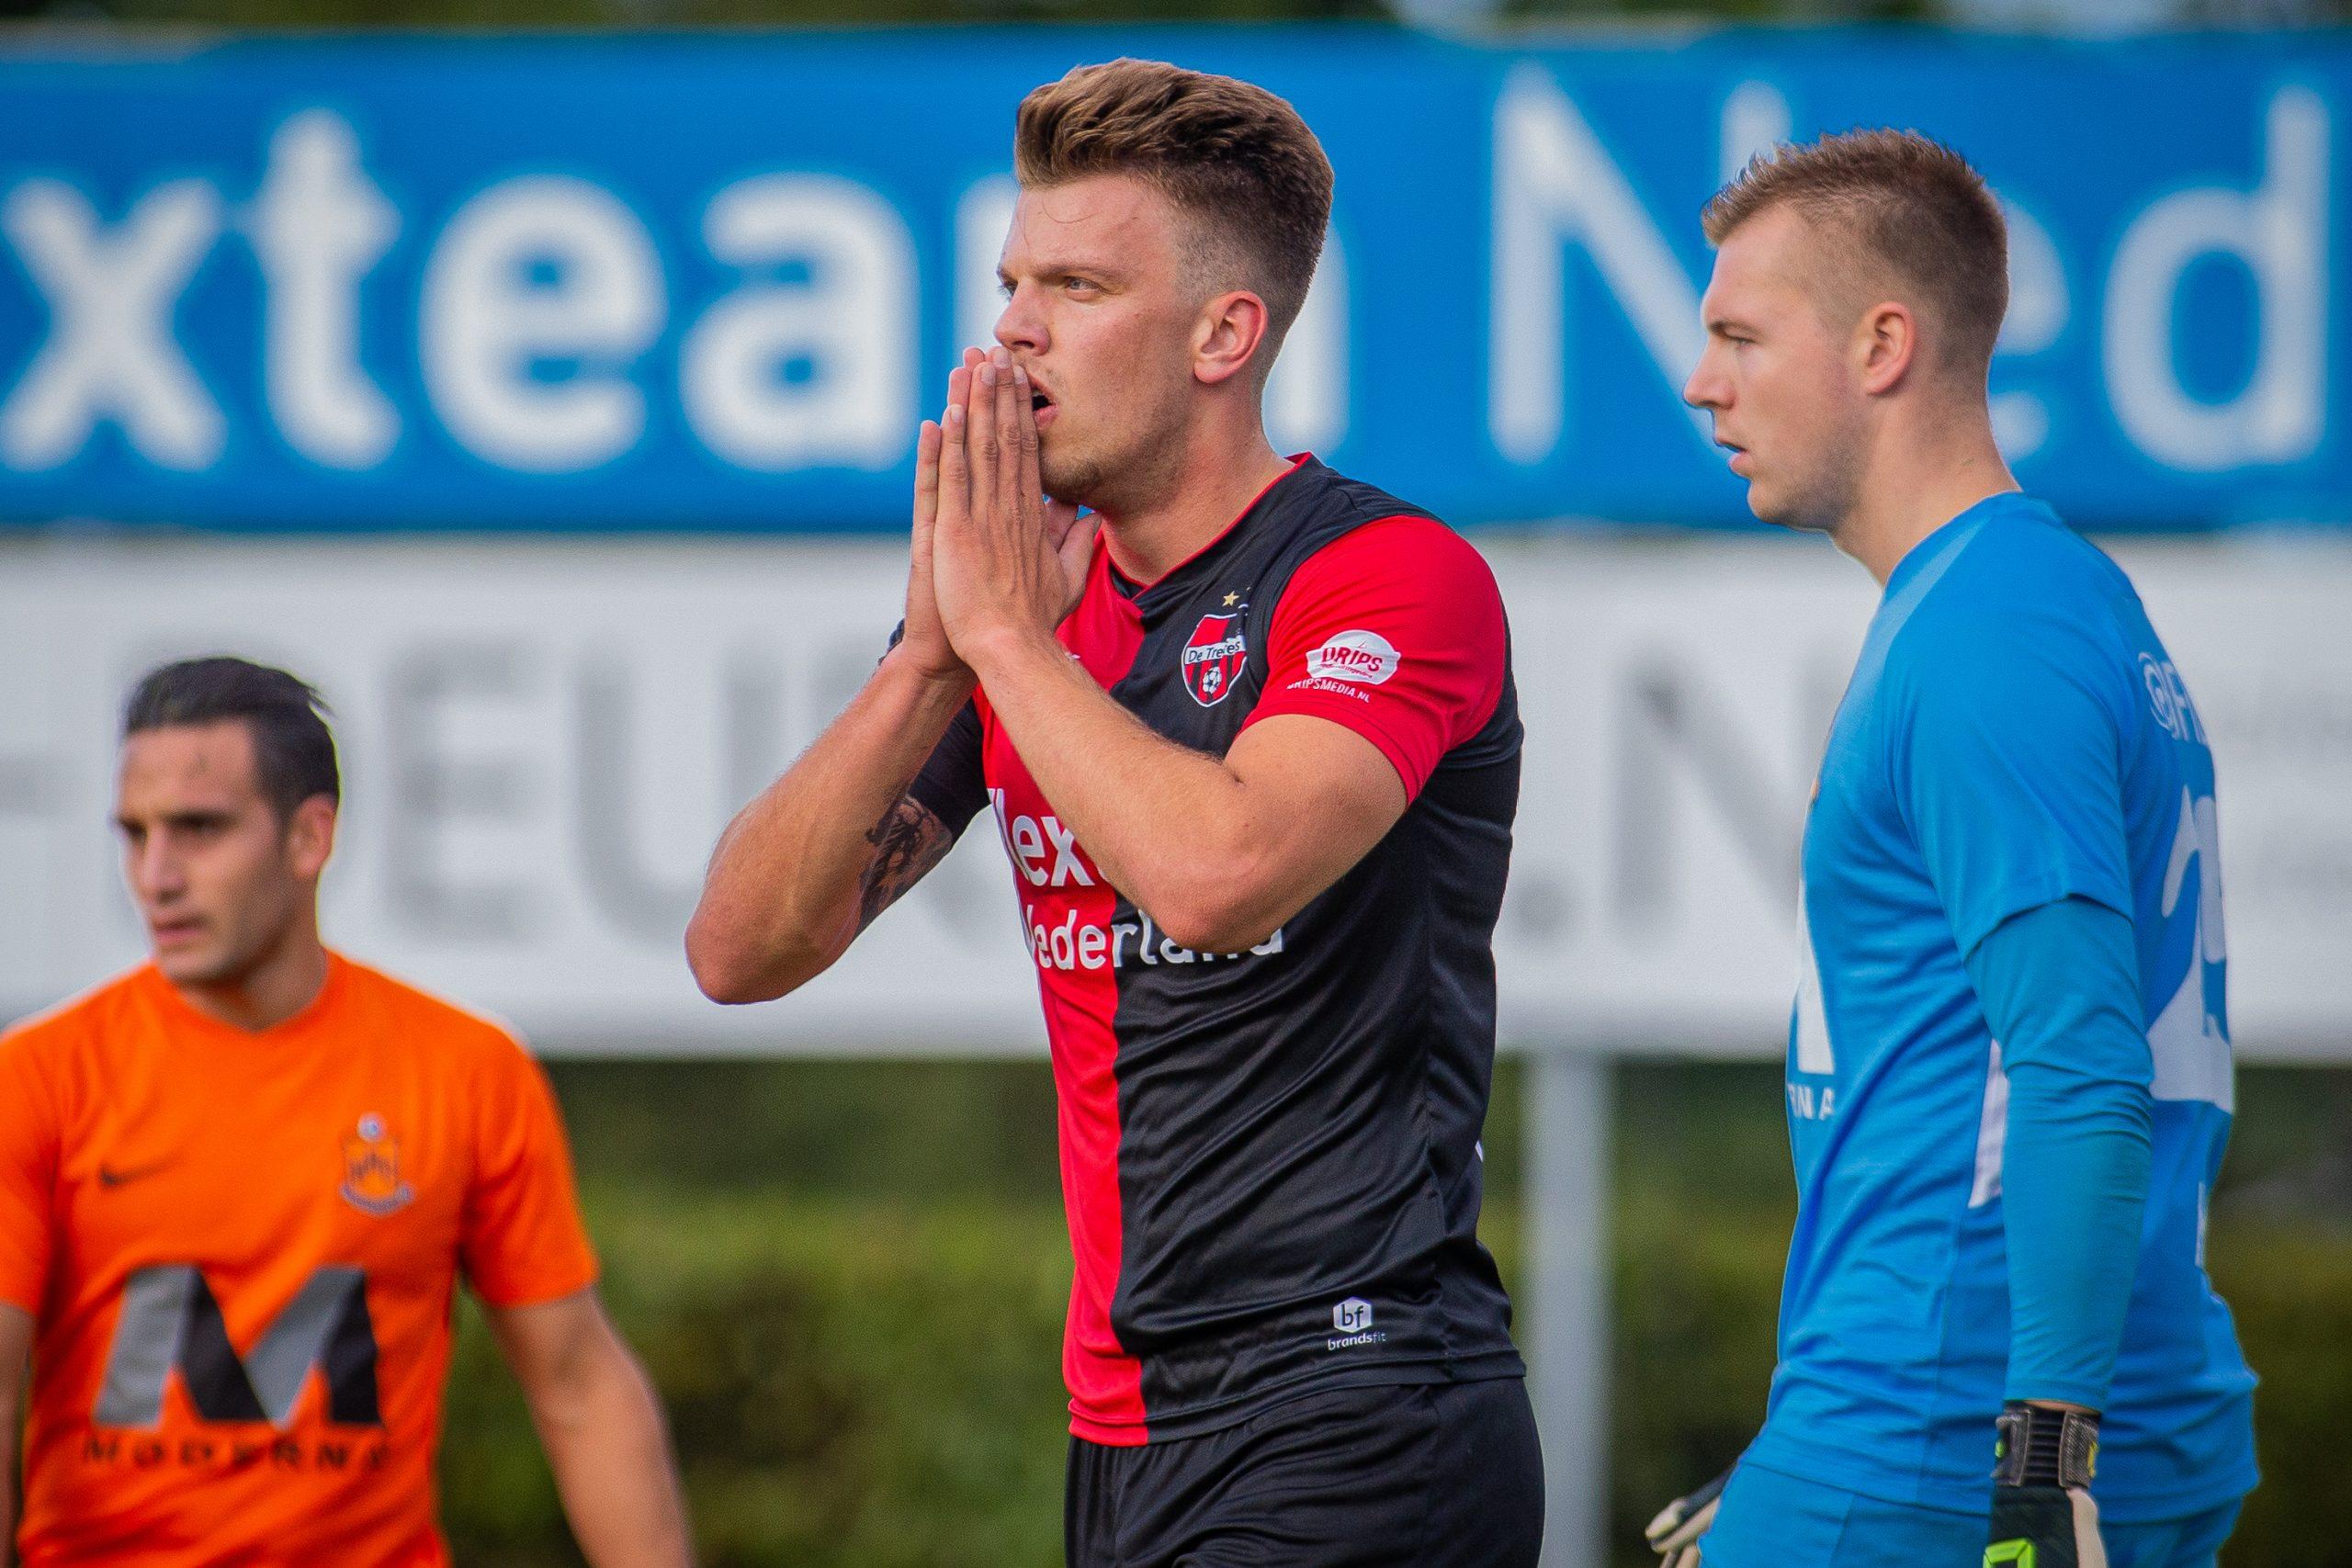 Aanvaller Lowie van Zundert van De Treffers naar Spakenburg